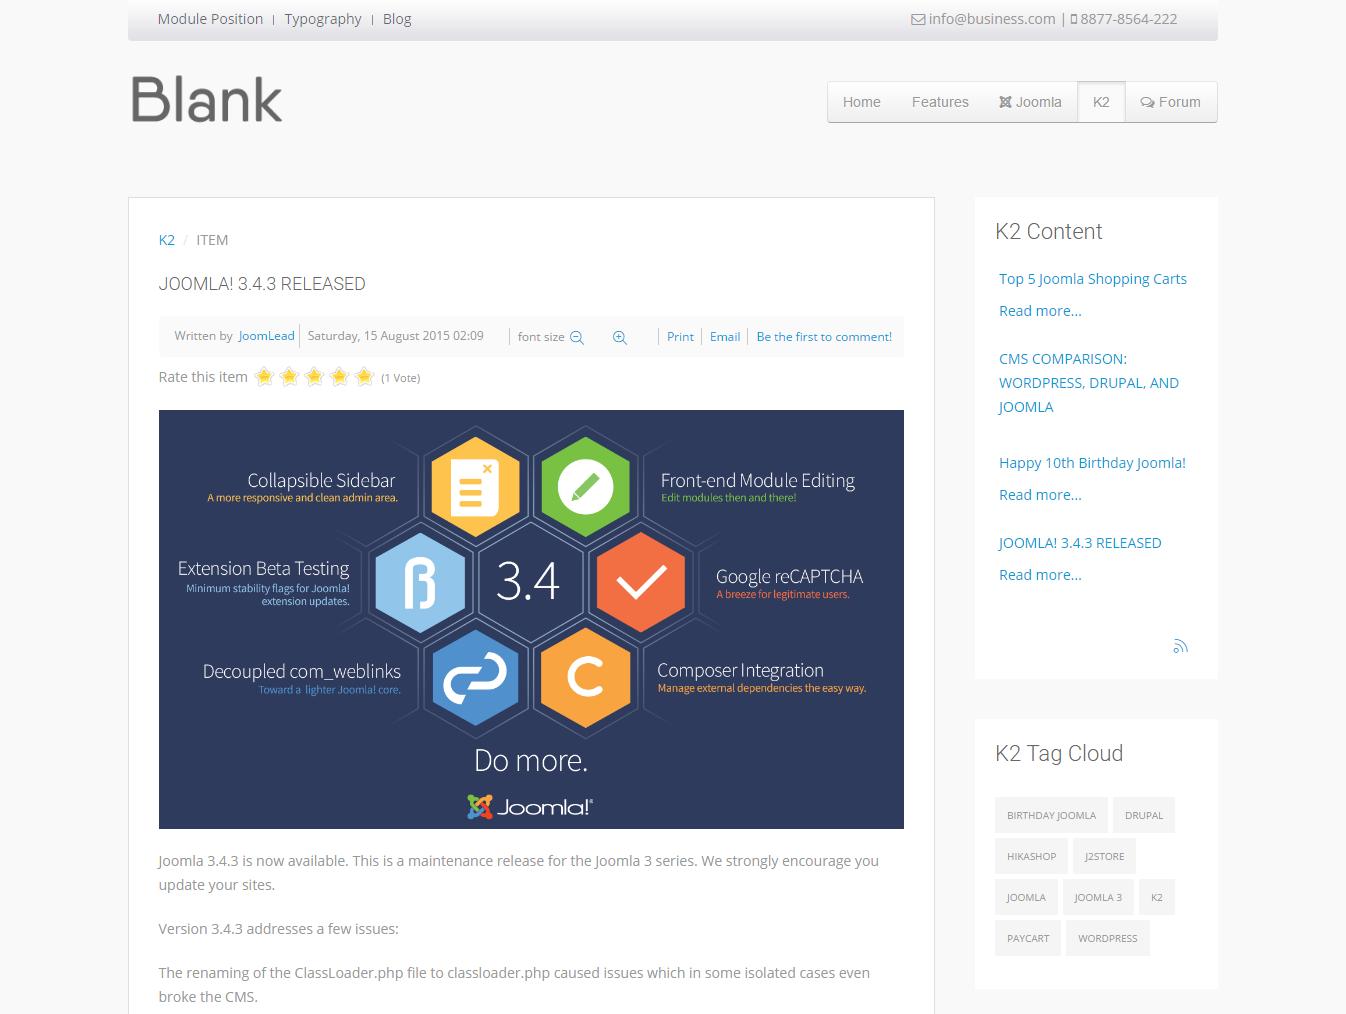 blank_ii k2